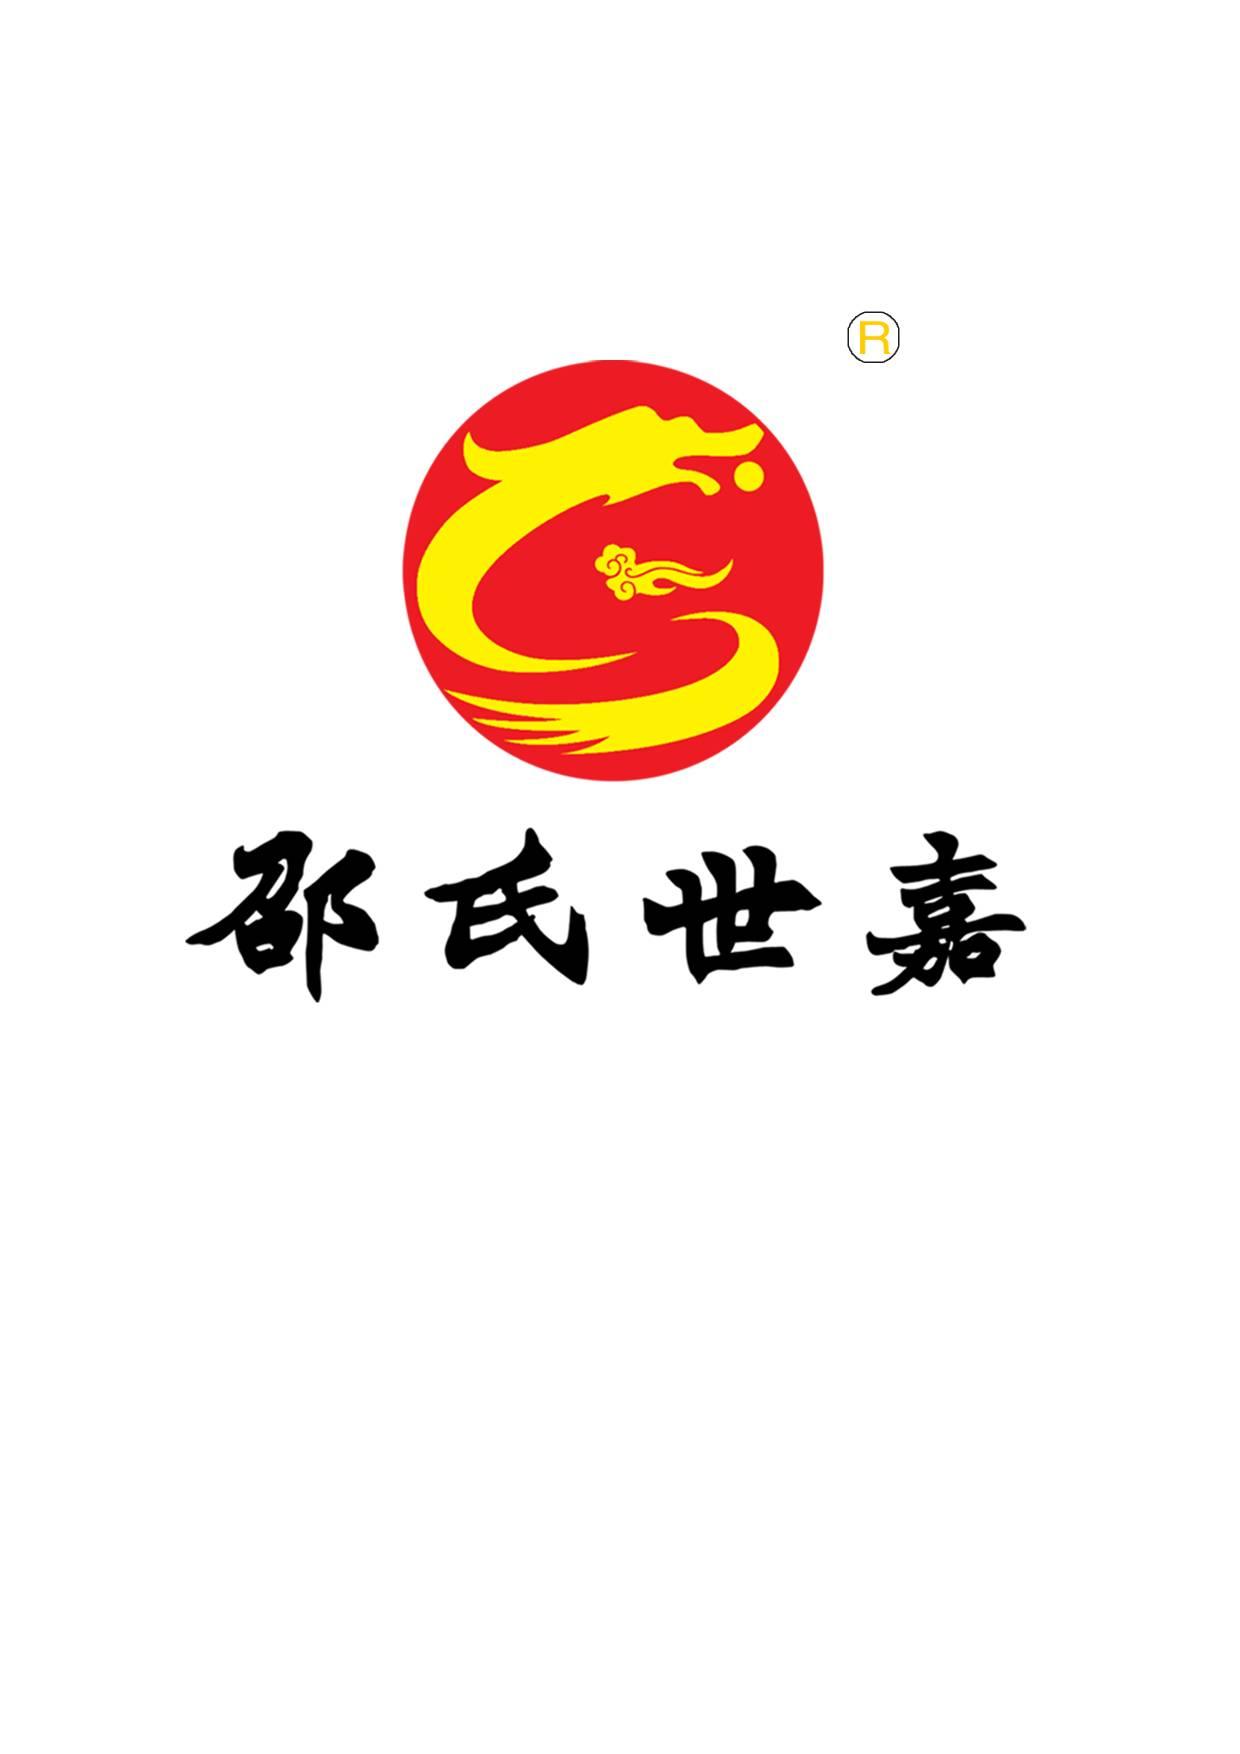 河北邵氏古典家具有限公司